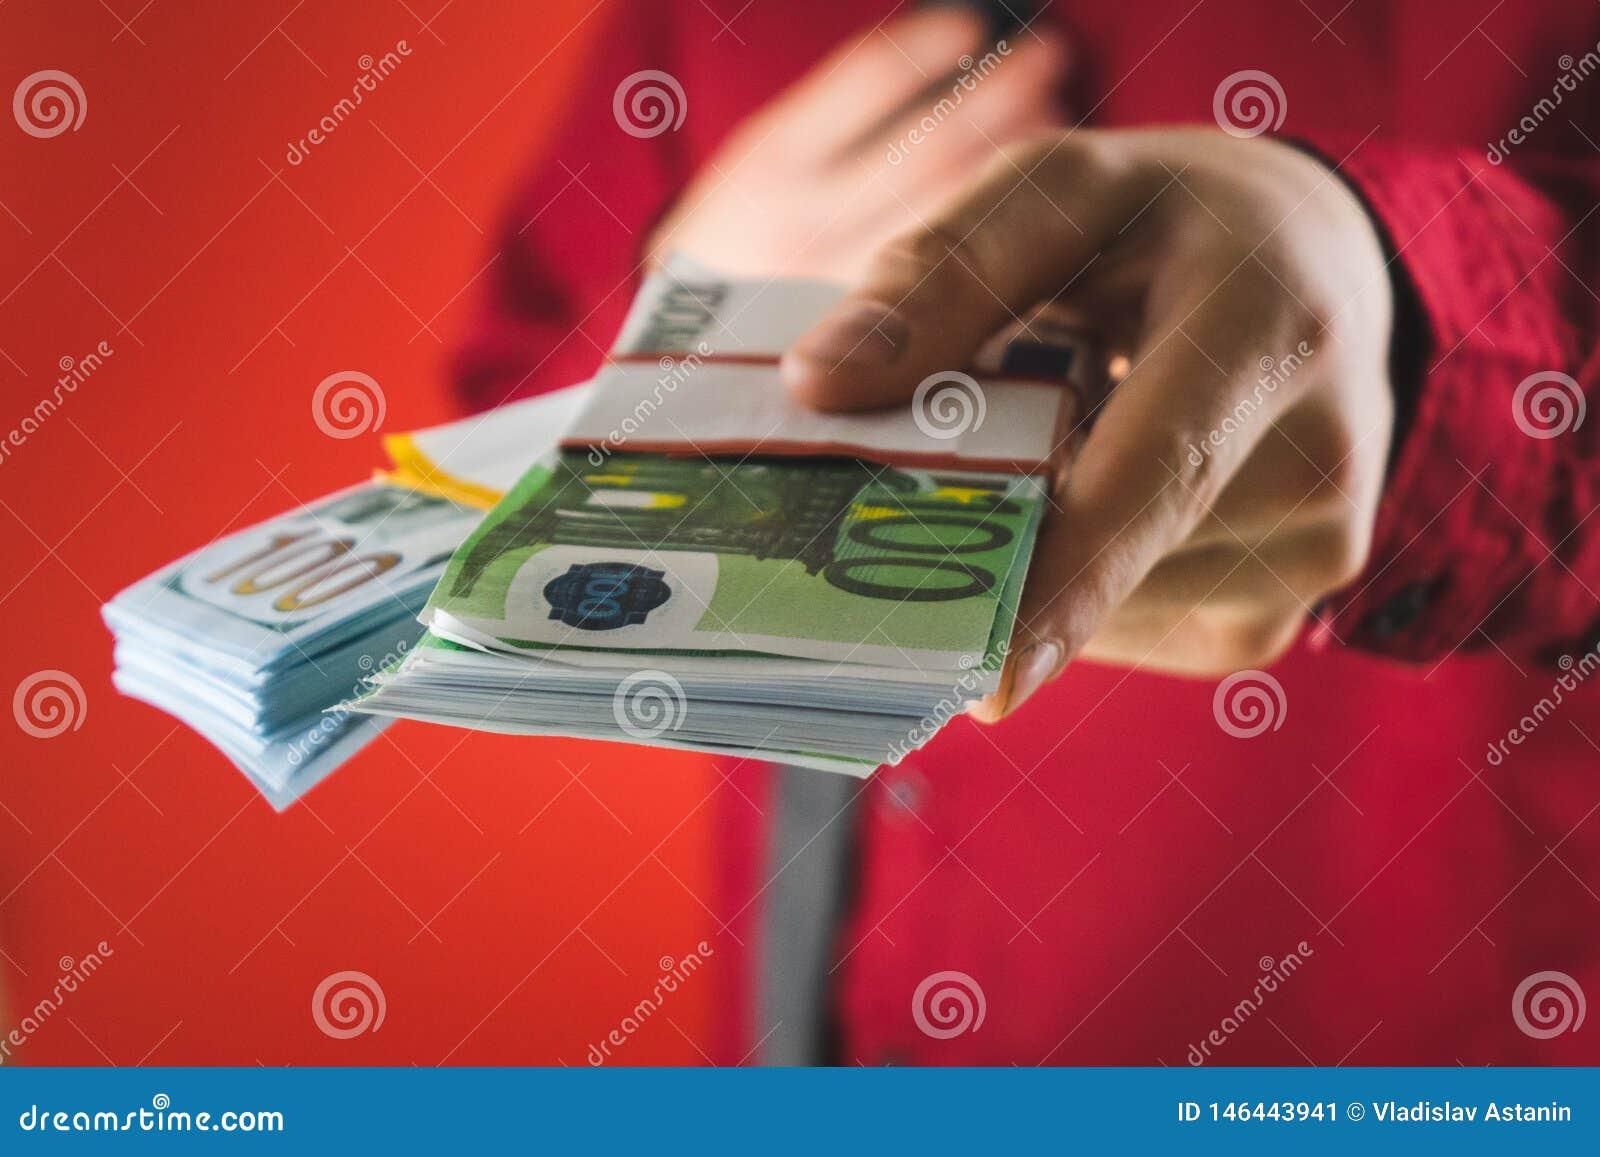 ένα άτομο σε ένα κόκκινο πουκάμισο με μια κάρτα κρατά στο χέρι του ένα wad των λογαριασμών σε ένα κόκκινο υπόβαθρο